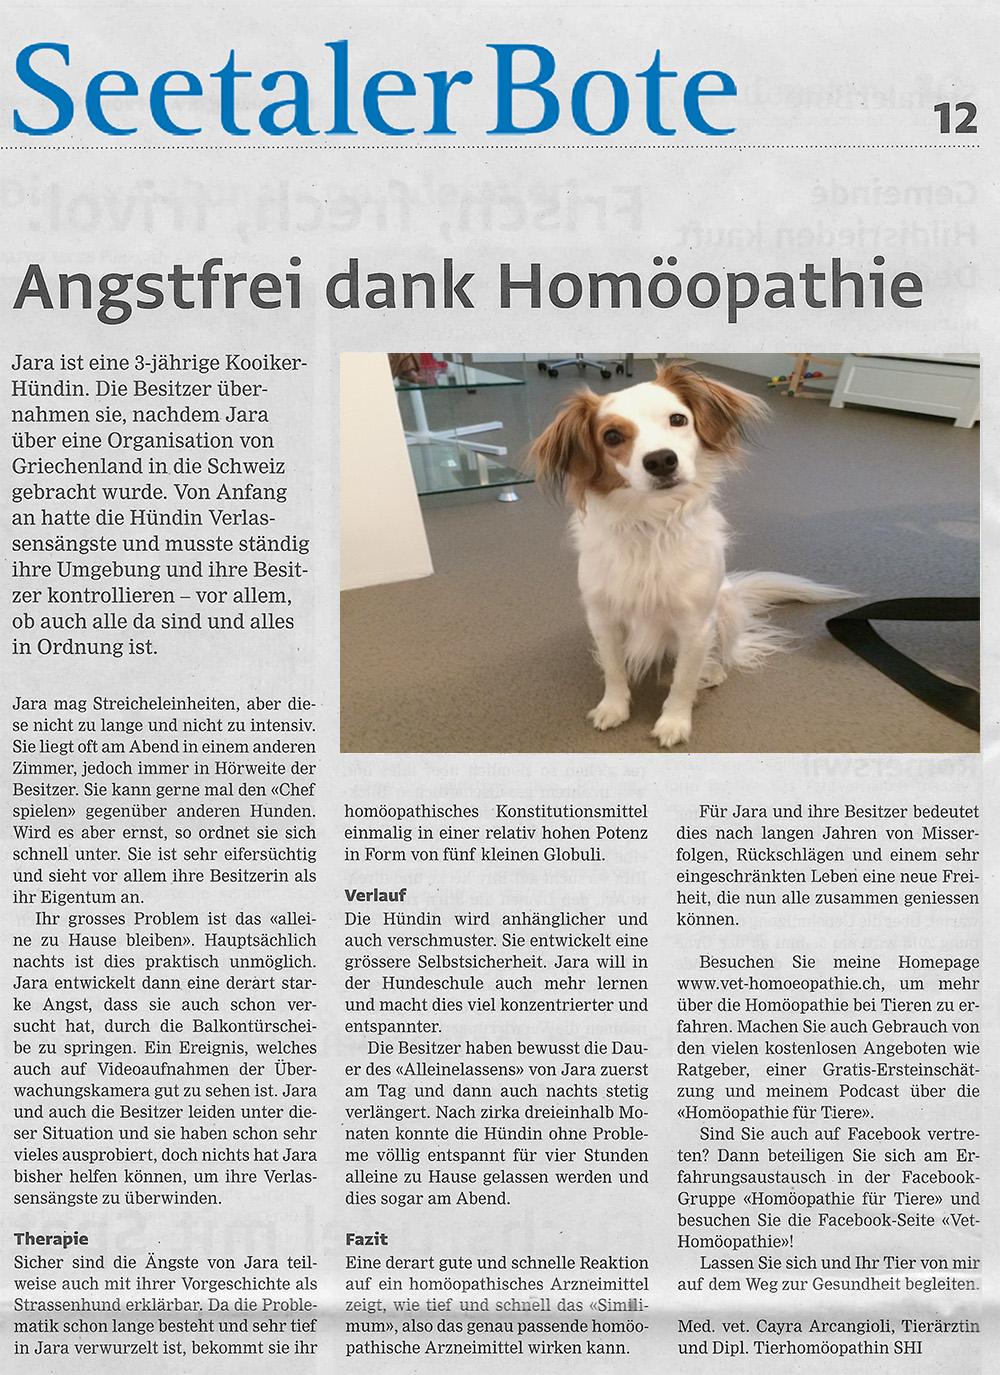 Vet-Homoeopathie-Cayra-Arcangioli-Seetaler-Bote_160406